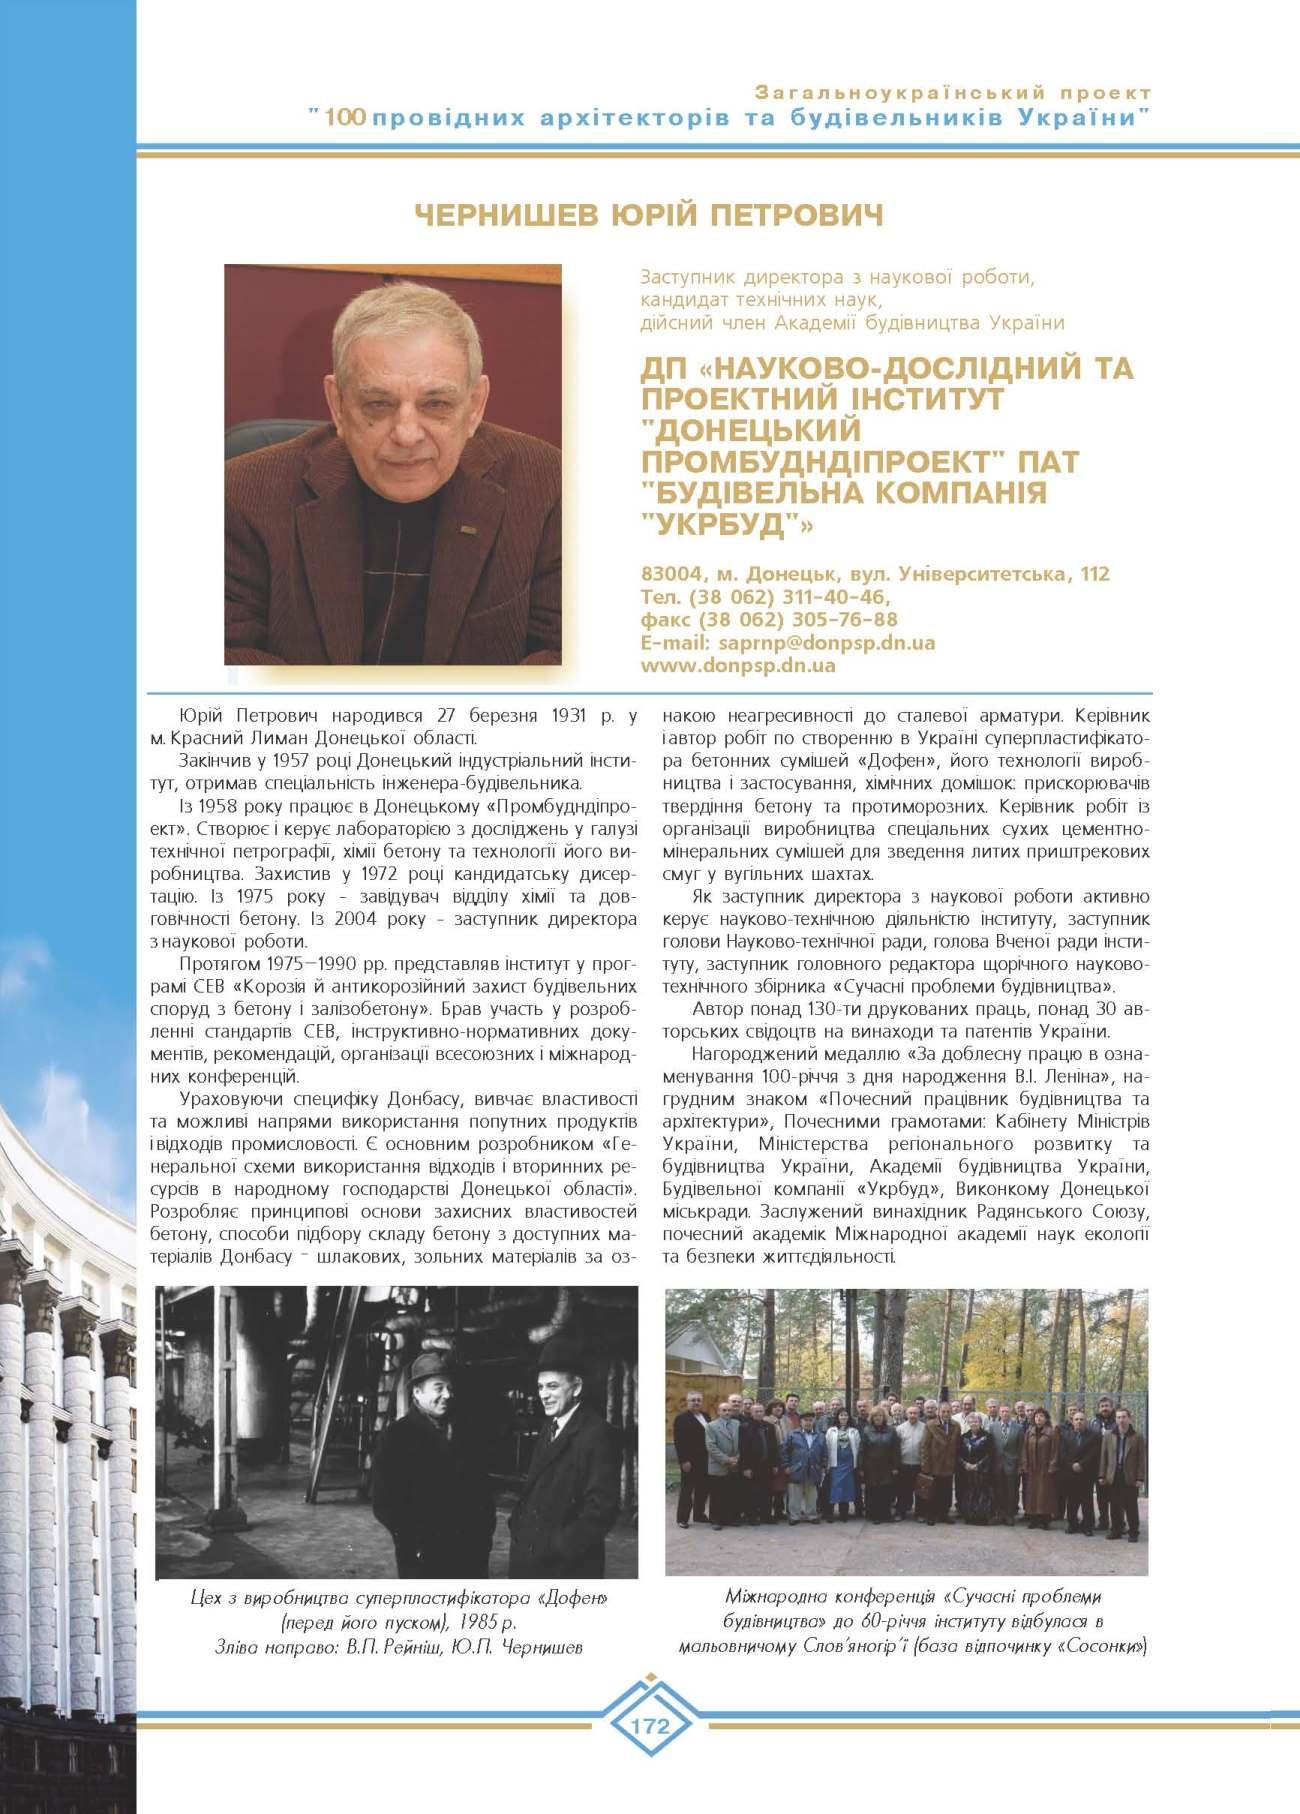 Чернишев Юрій Петрович